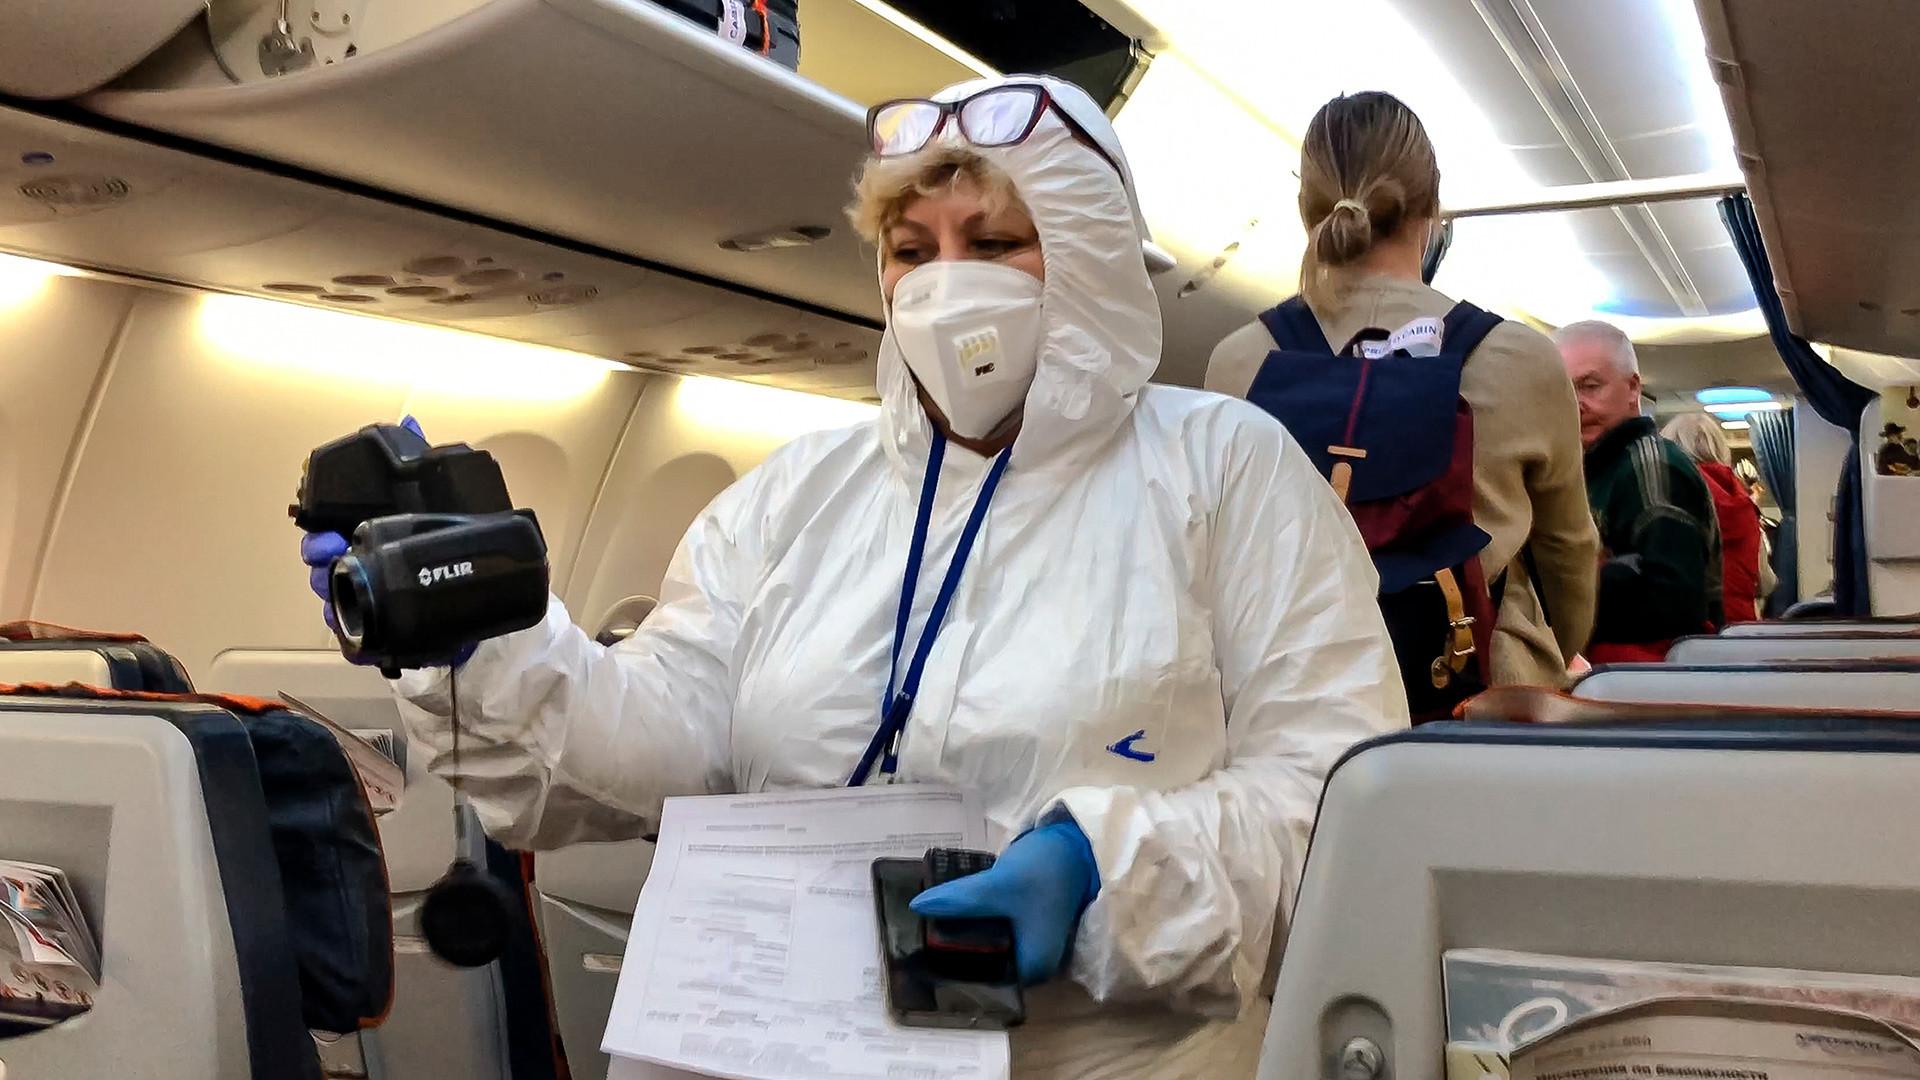 Руски медицински експерт у авиону на аеродрому Шереметјево проверава путнике који су стигли из Италије. Москва, Русија, недеља 8. март 2020. Руске власти су наложиле да сви путници који долазе из земаља са високим степеном заражености корона вирусом обавезно прођу лекарски преглед.